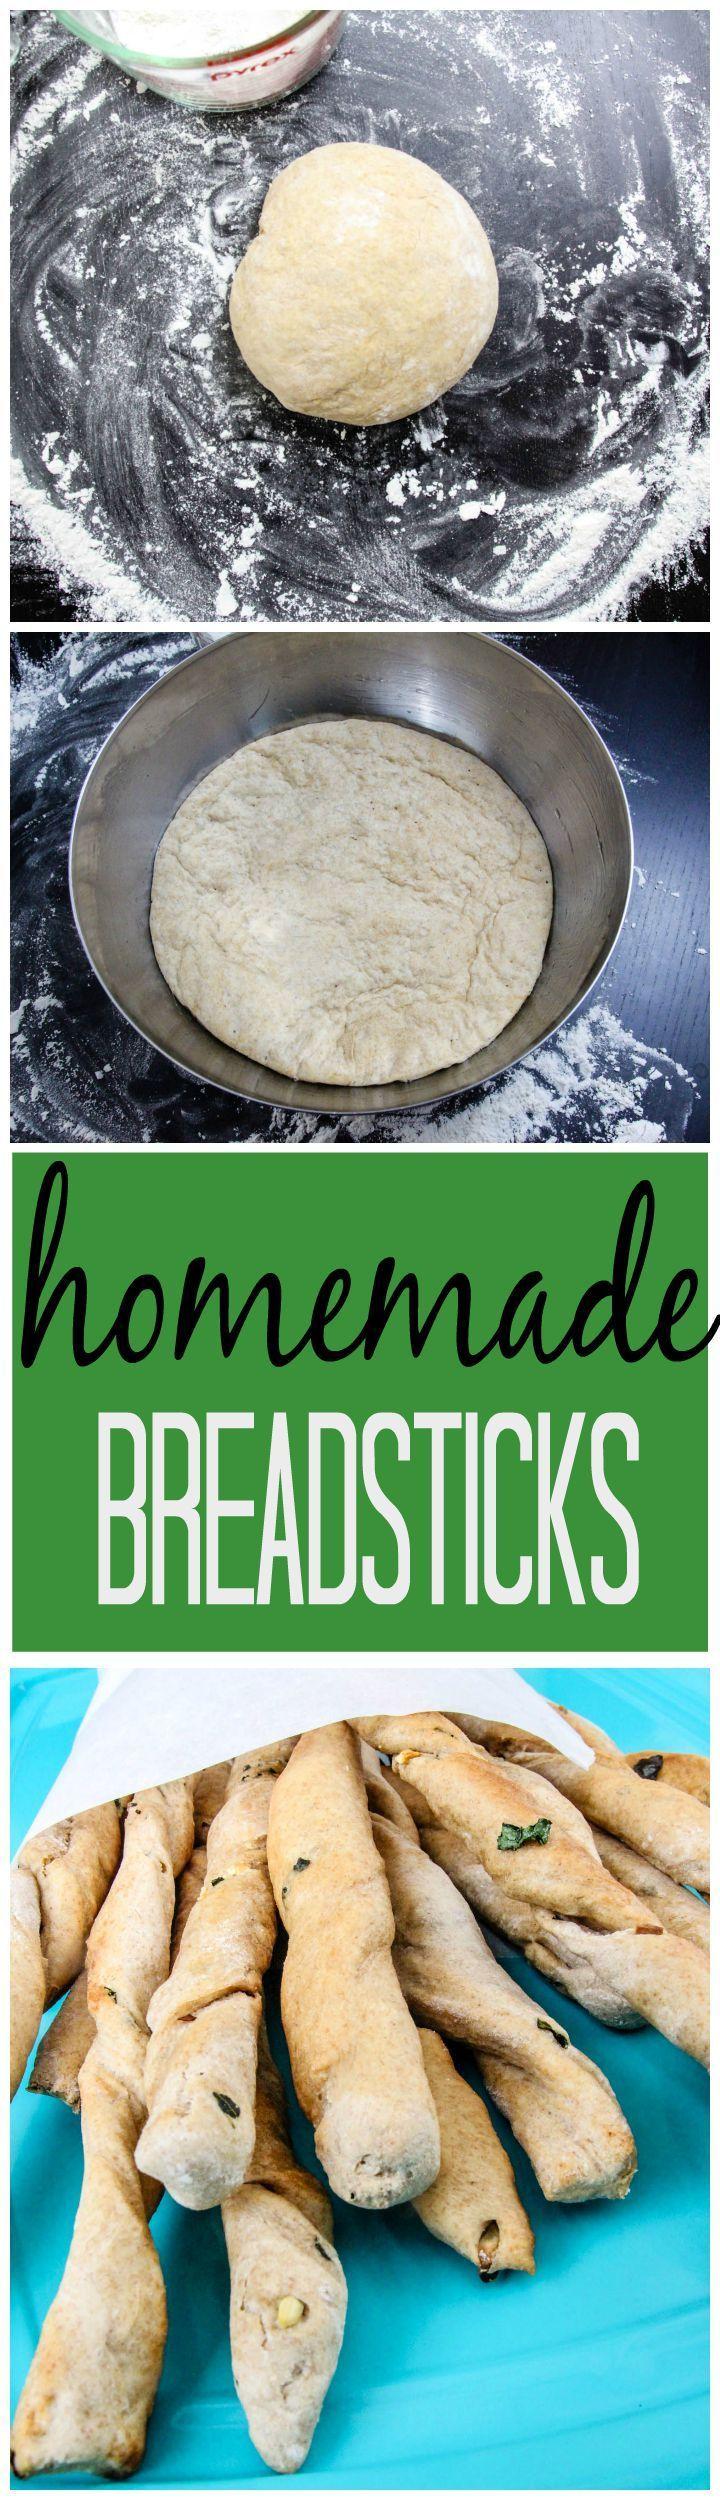 How to Make Homemade Breadsticks, Breadstick Recipe, Homemade Bread Recipes, Dough Recipes, DIY Breaksticks